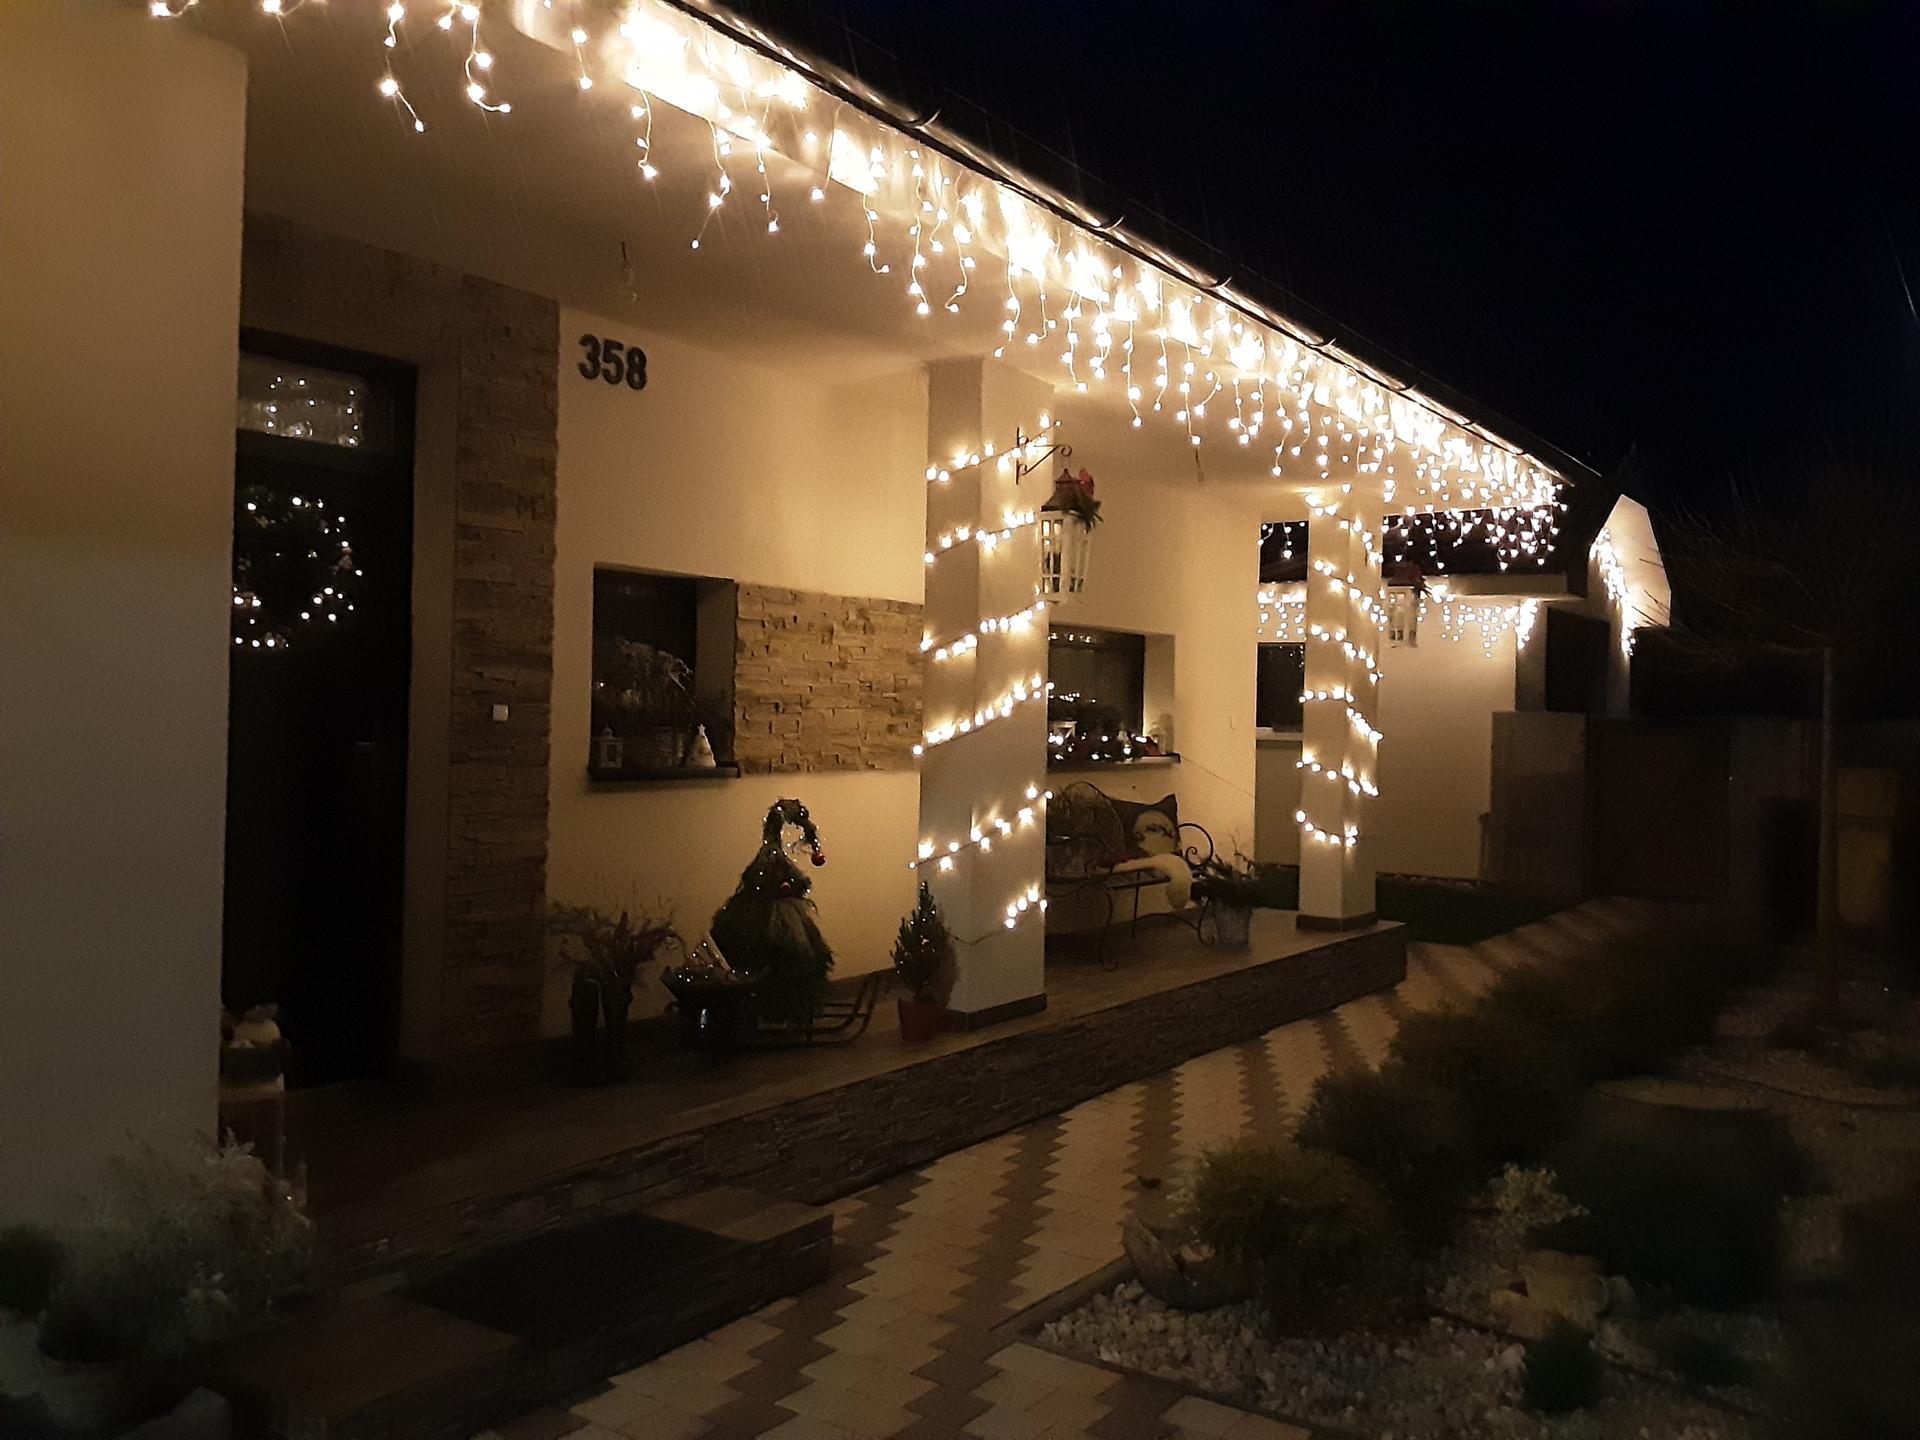 Vianočná atmosféra - Obrázok č. 7